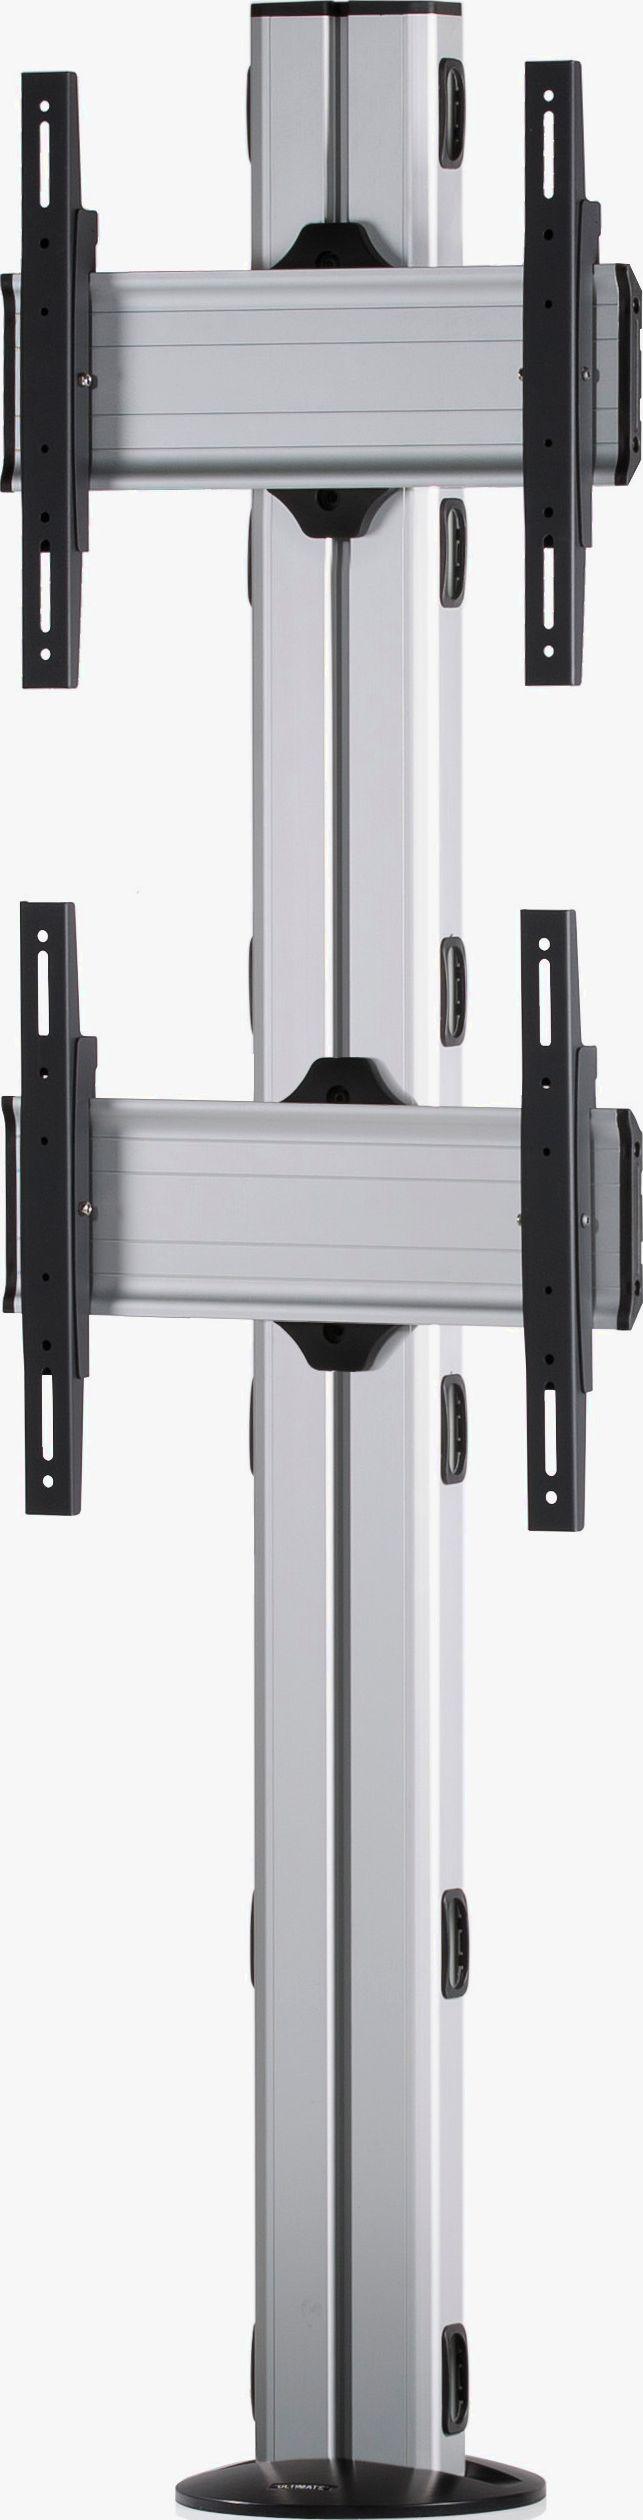 2 Displays 2×1, Standard-VESA, zur Bodenbefestigung